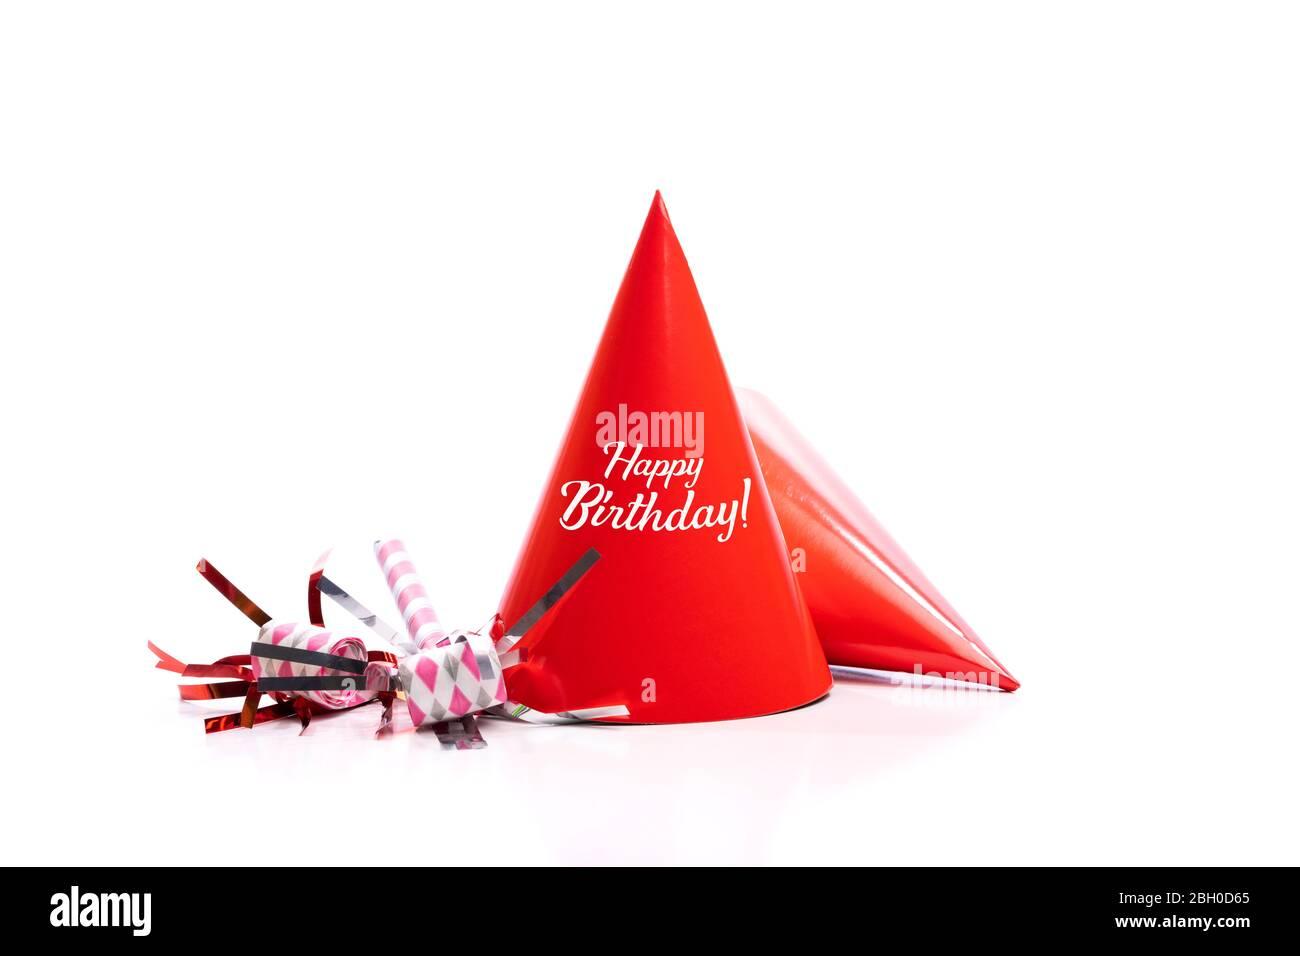 Chapeaux d'anniversaire rouges et appareils de bruit sur fond blanc. Banque D'Images